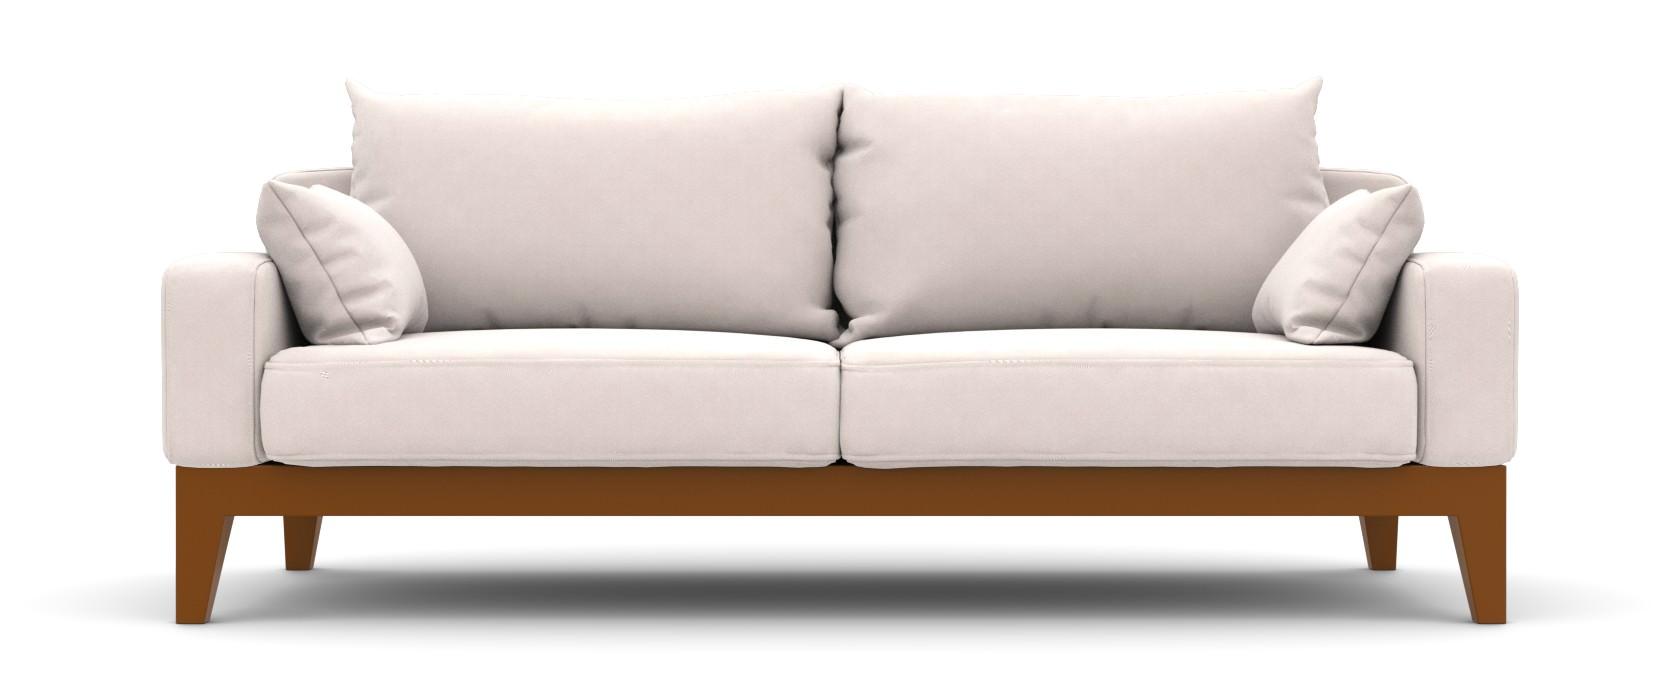 Трехместный диван Antonio - Pufetto